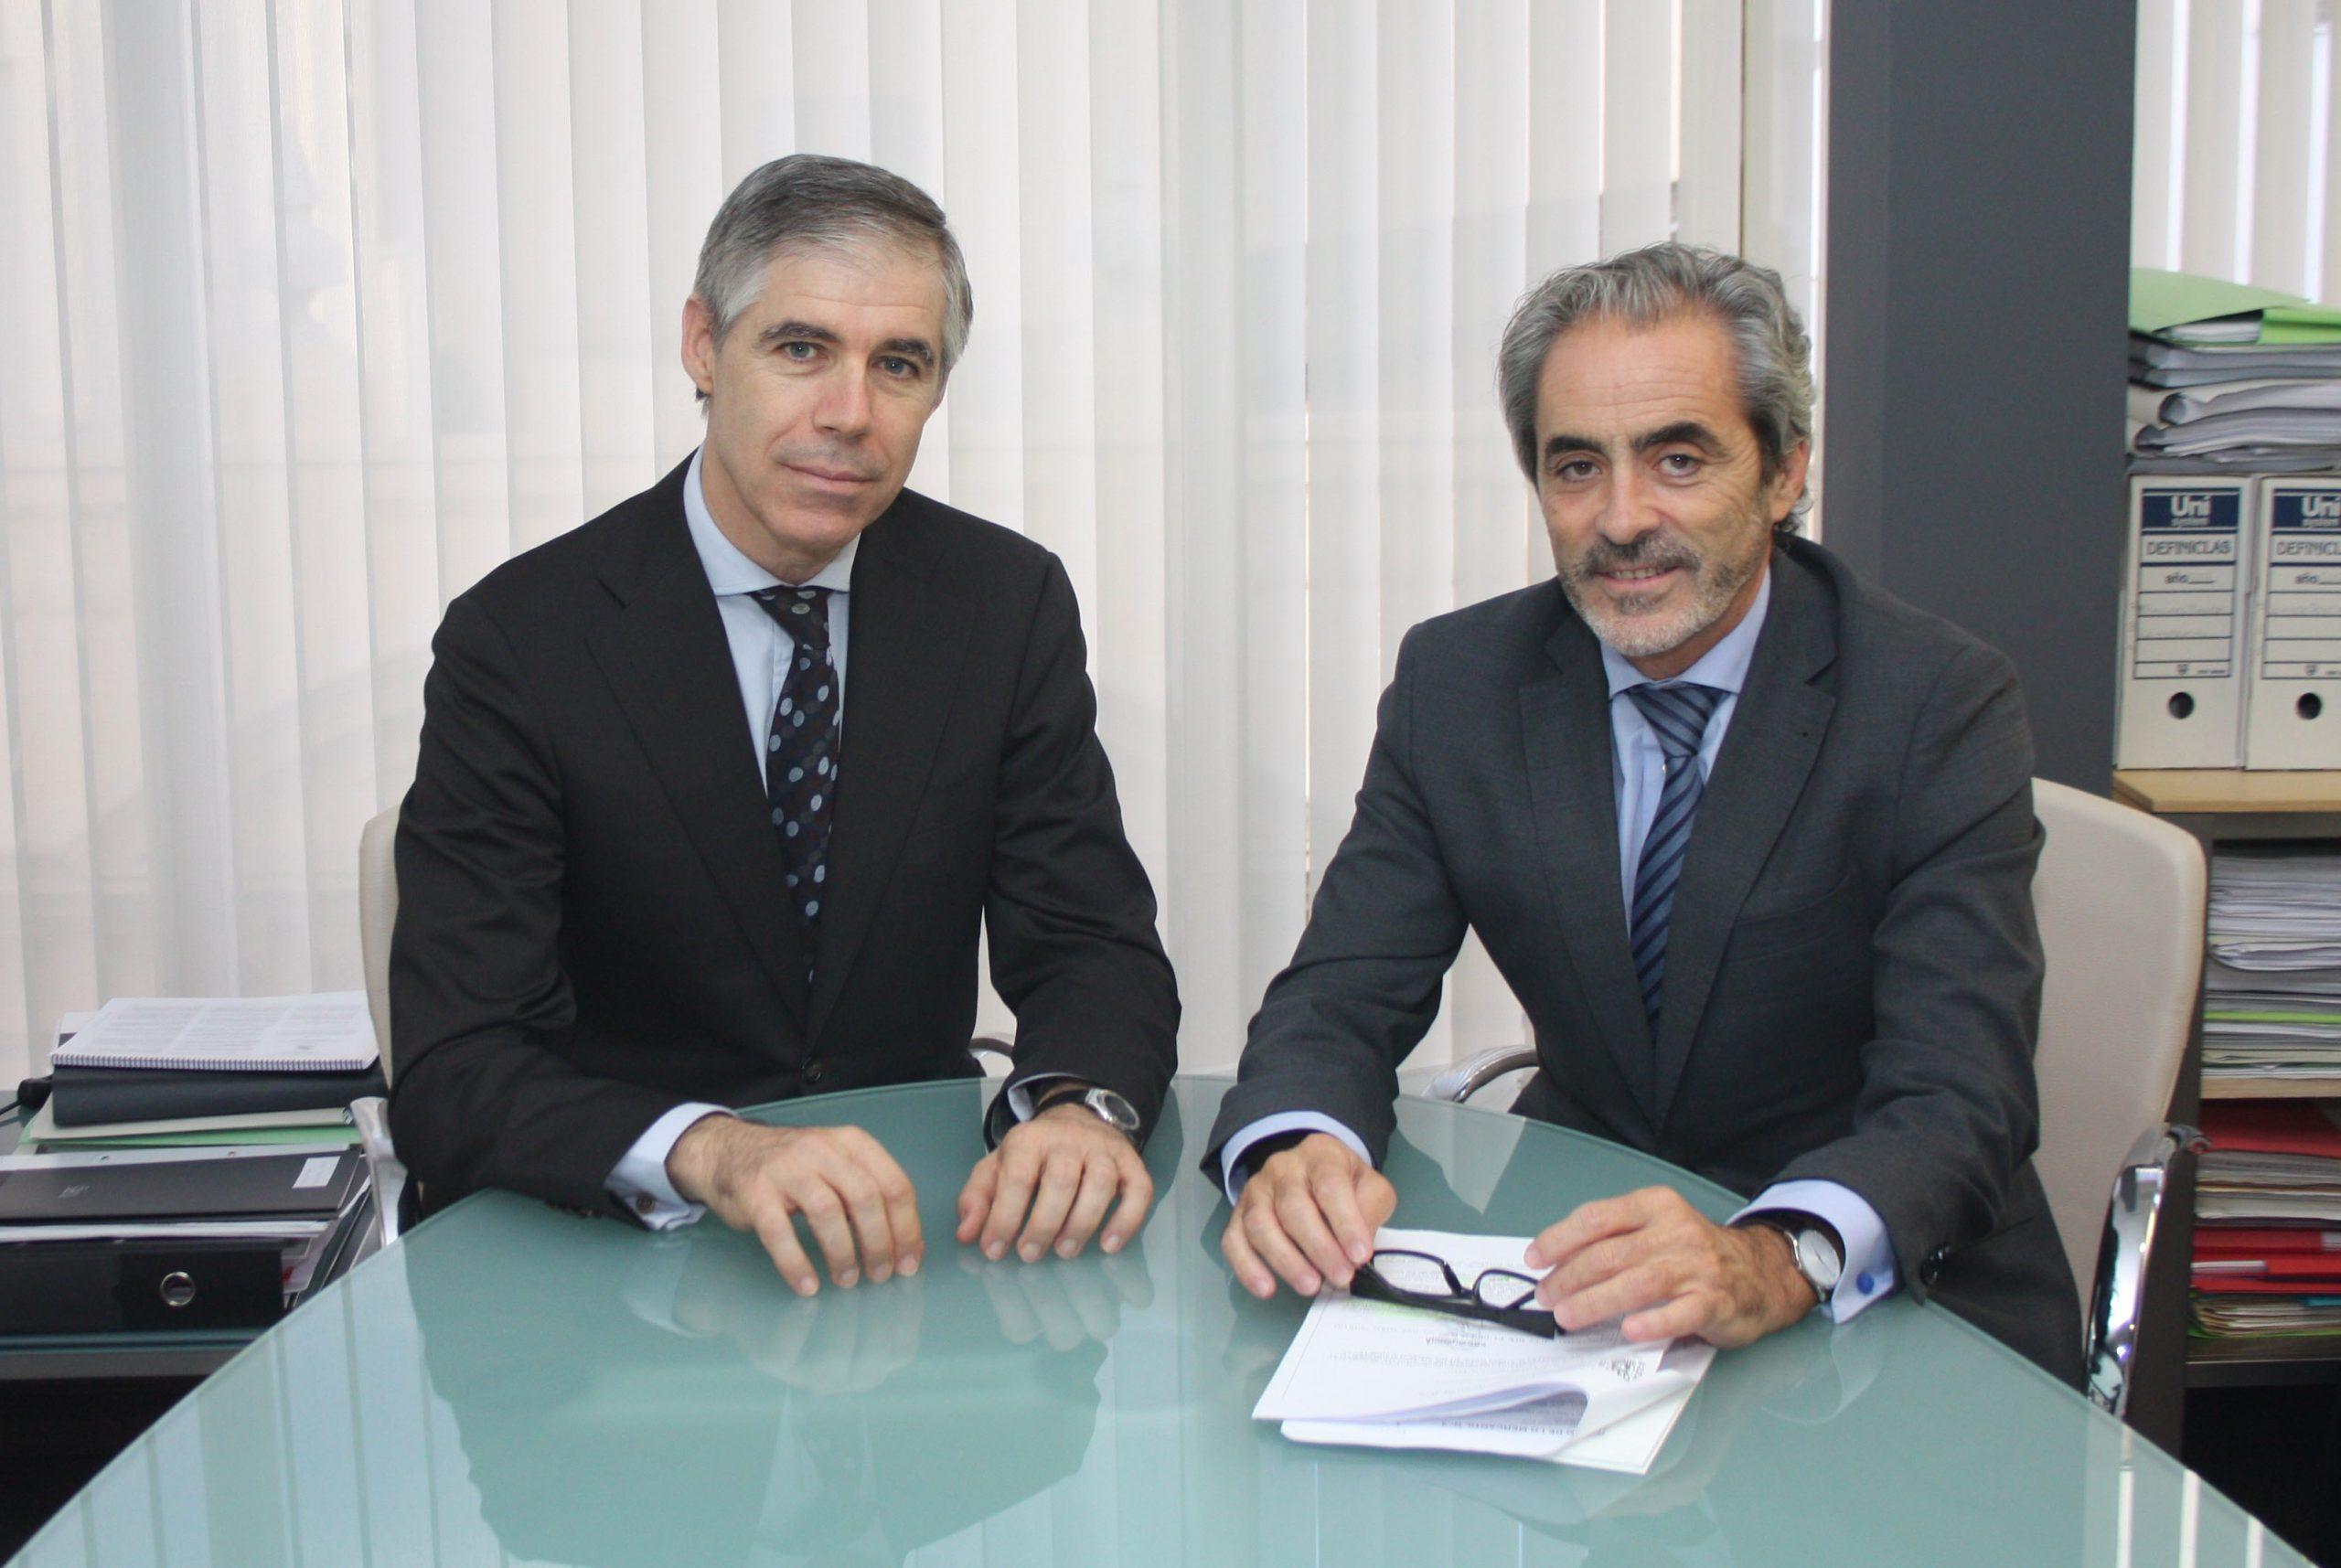 RICARD TORRES Y SALVADOR SASTRE DE APABANC